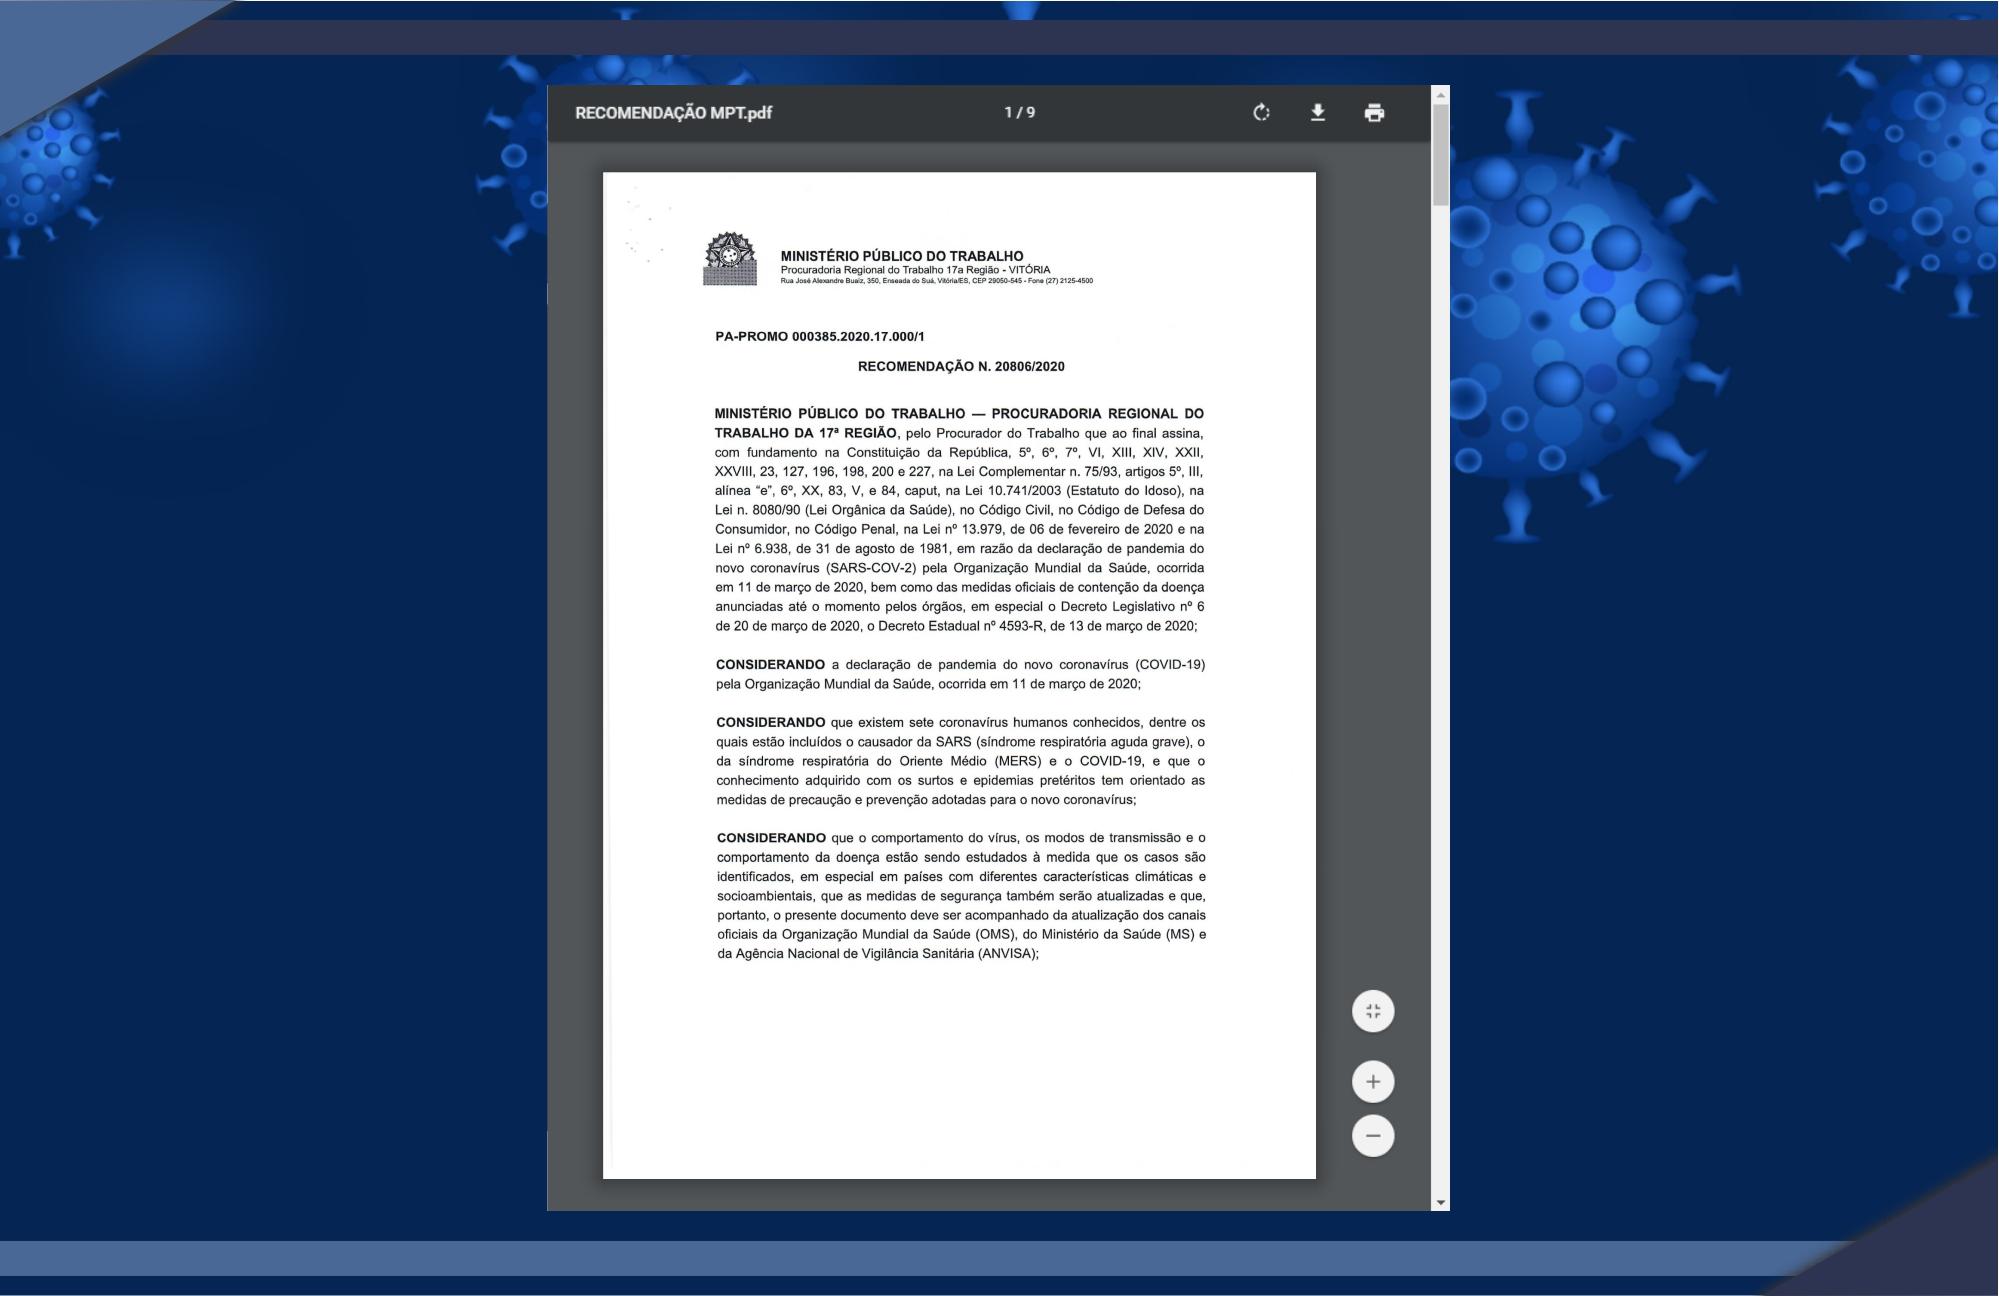 MINISTÉRIO PÚBLICO DO TRABALHO EXPEDE RECOMENDAÇÕES ÀS EMPRESAS DE TRANSPORTE PARA O COMBATE AO CORONAVÍRUS